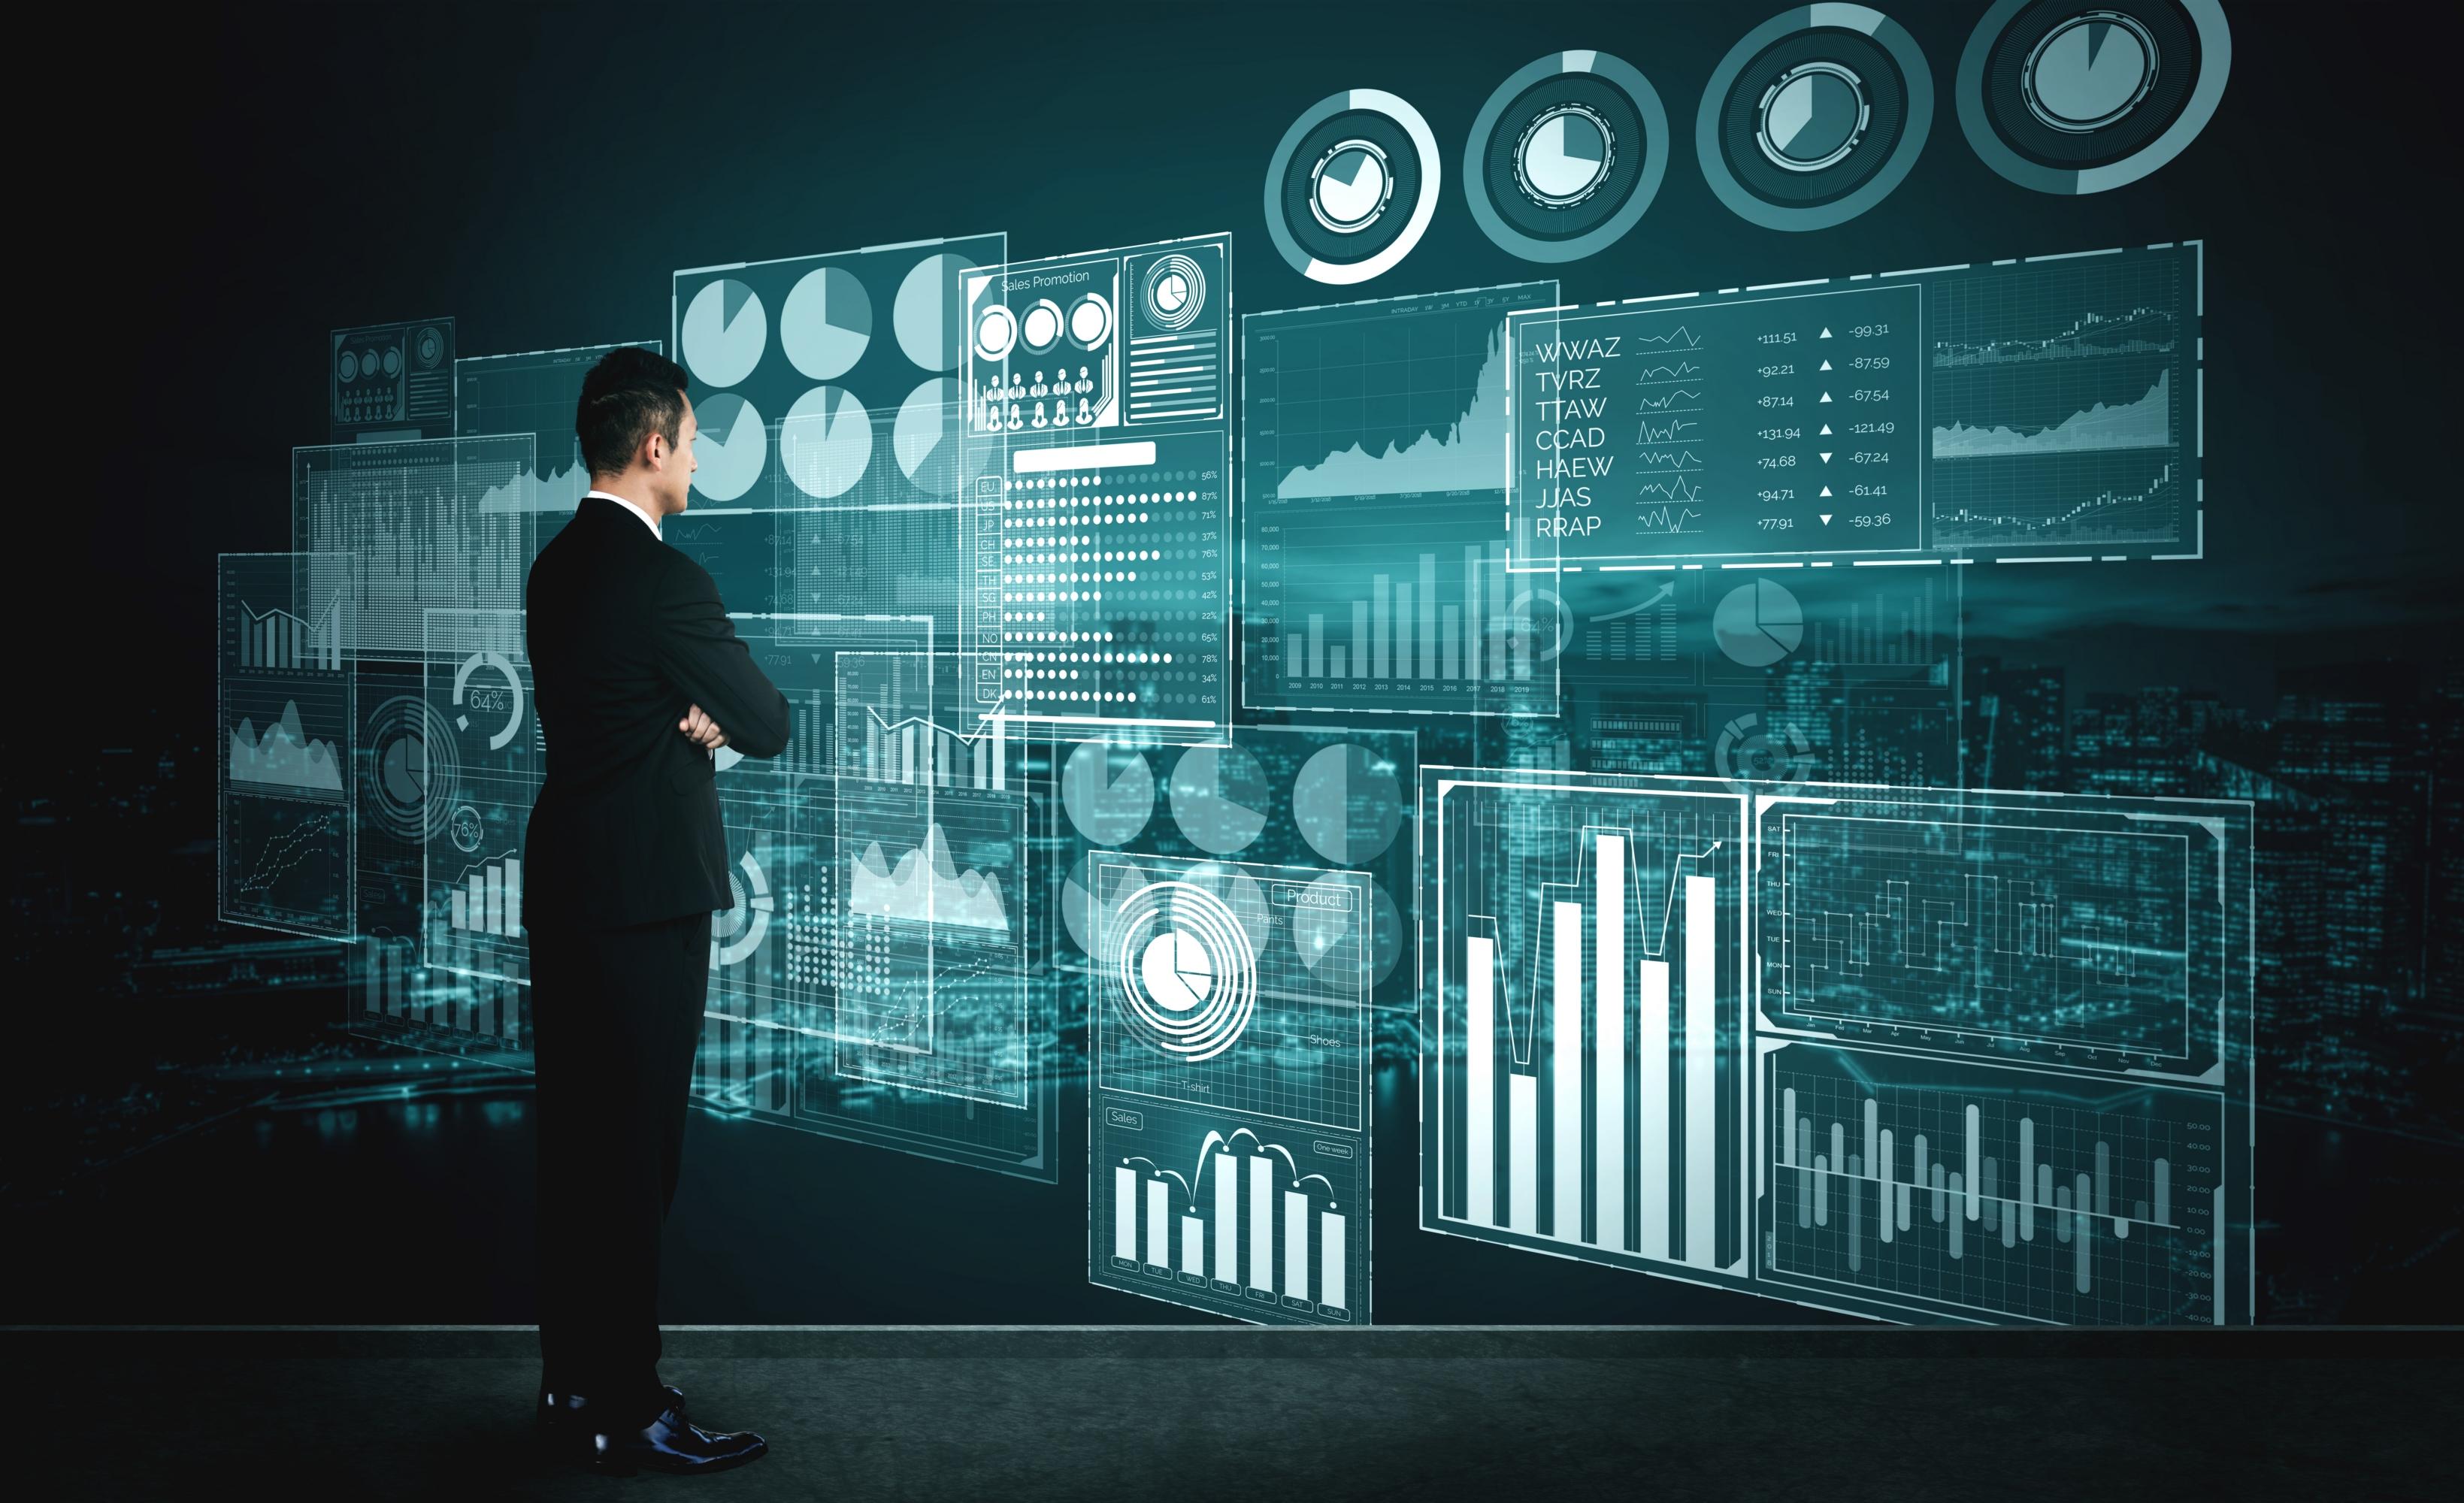 big-data-technology-business-finance-concept.jpg